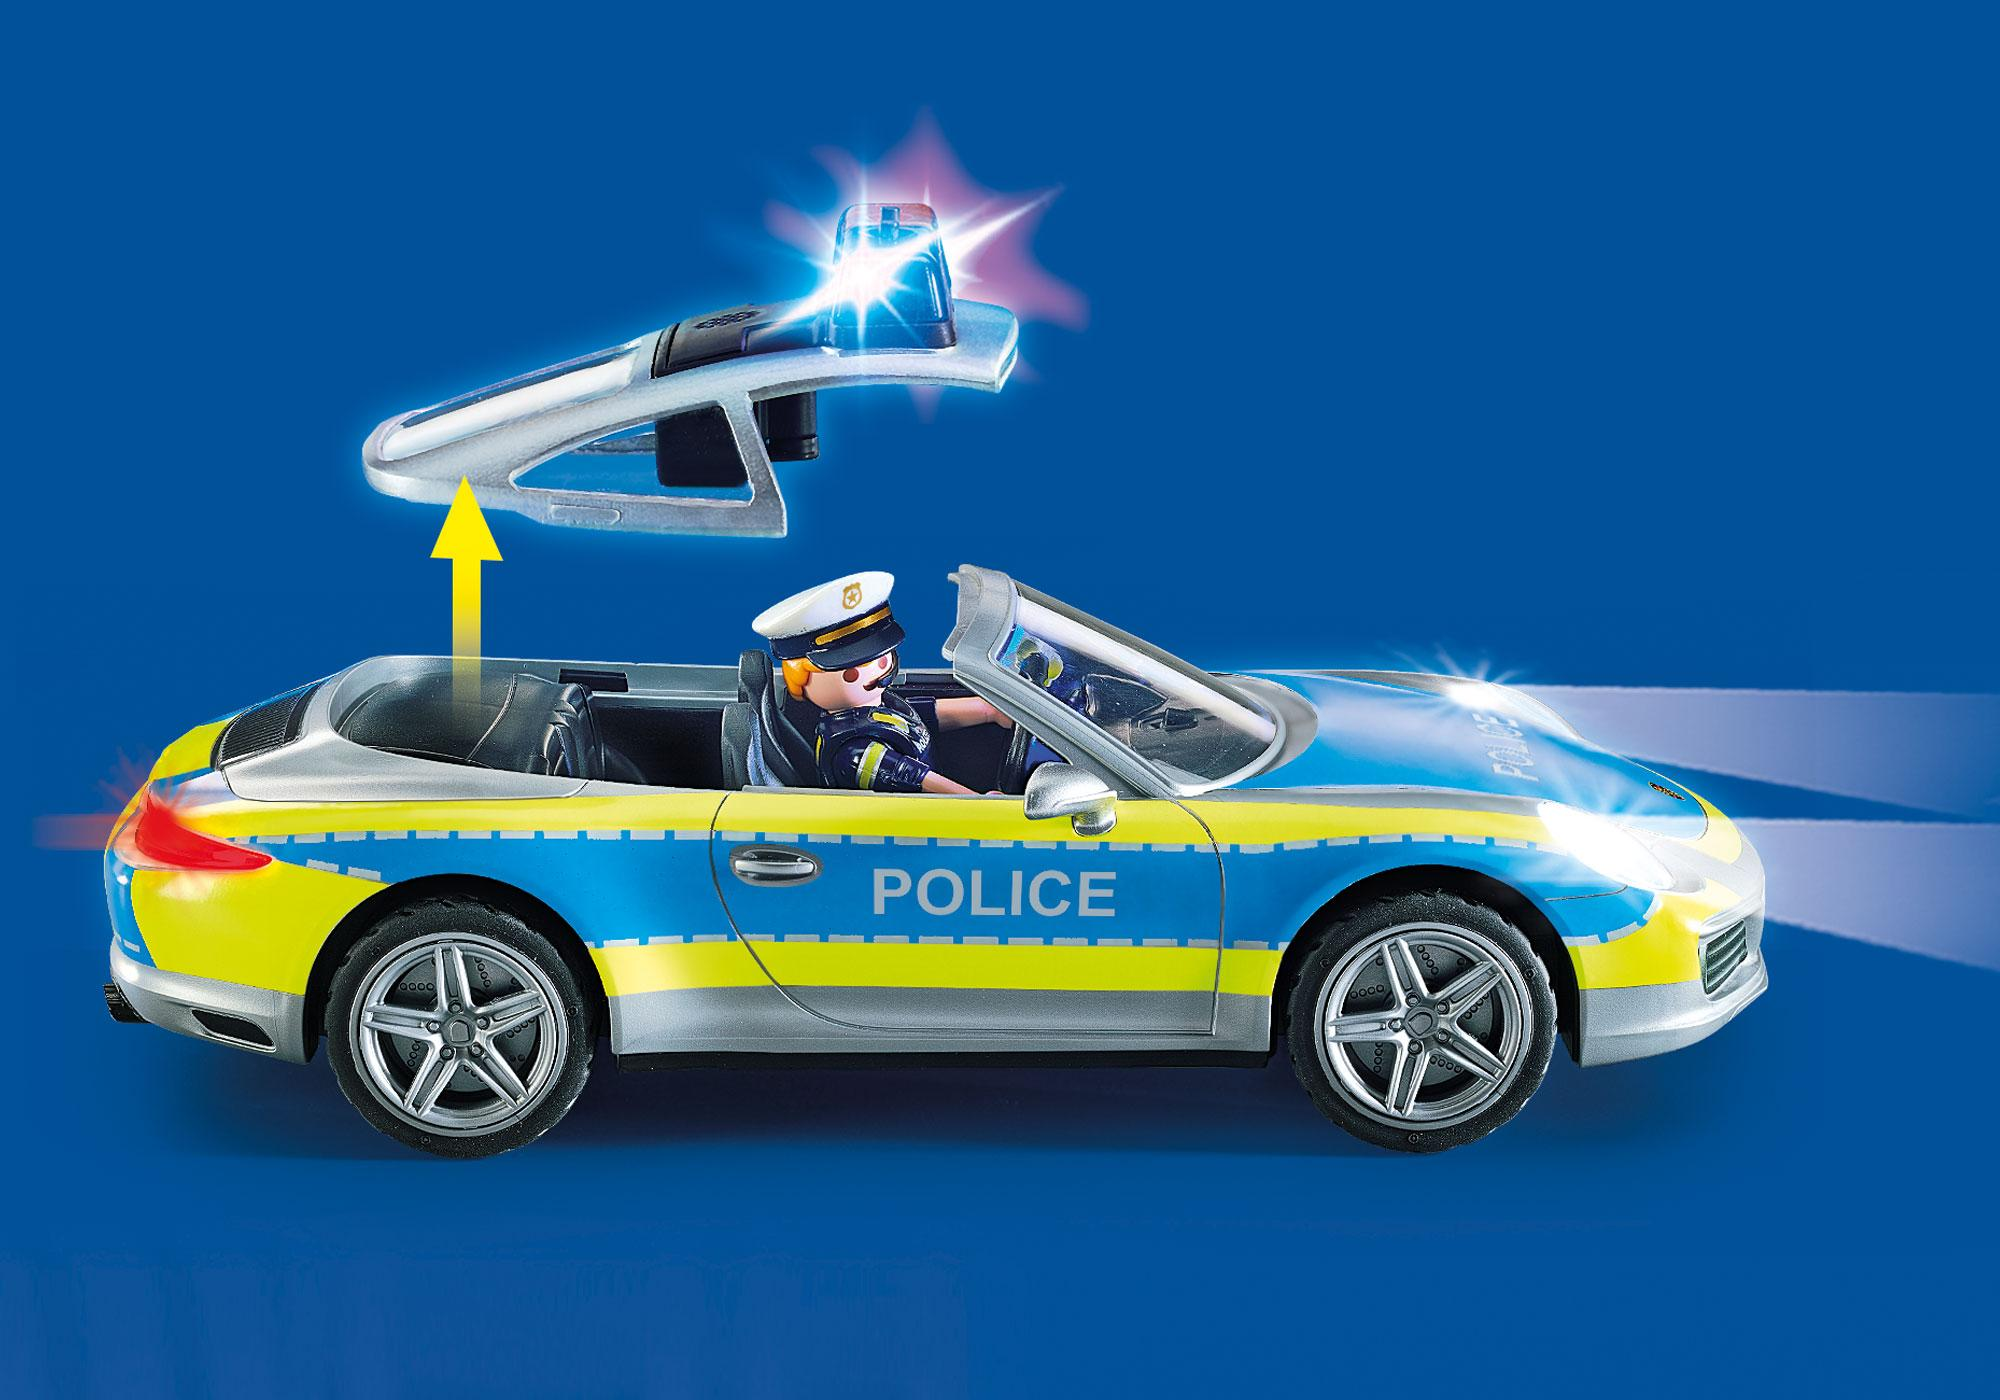 http://media.playmobil.com/i/playmobil/70066_product_extra1/Porsche 911 Carrera 4S Politie